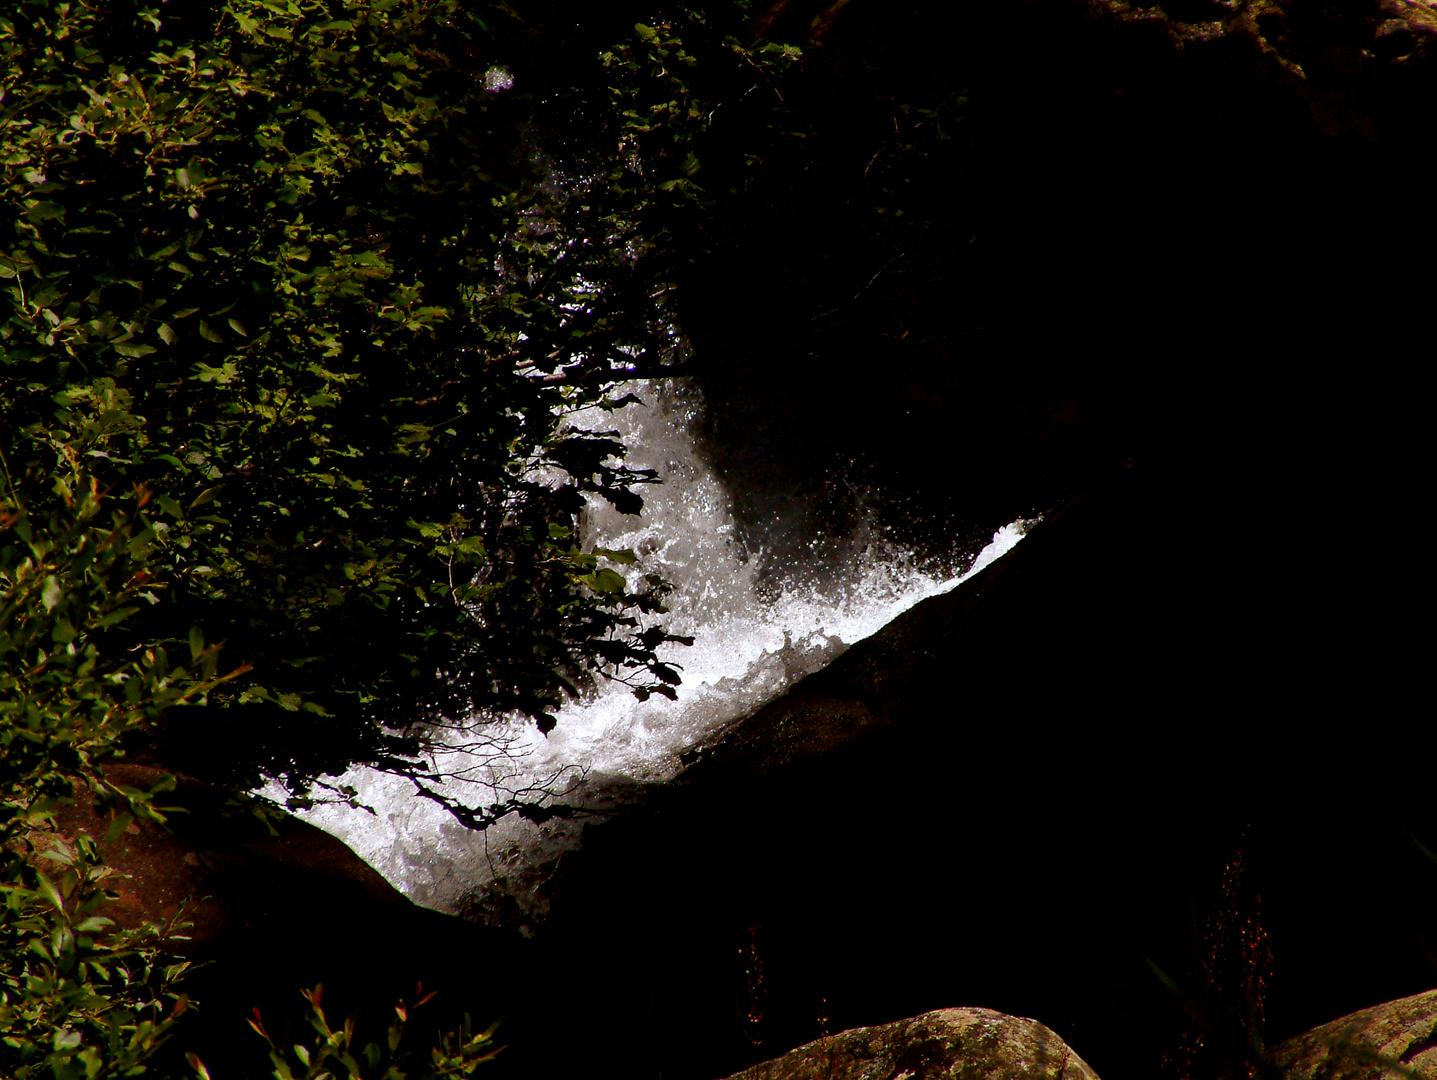 La luz del agua